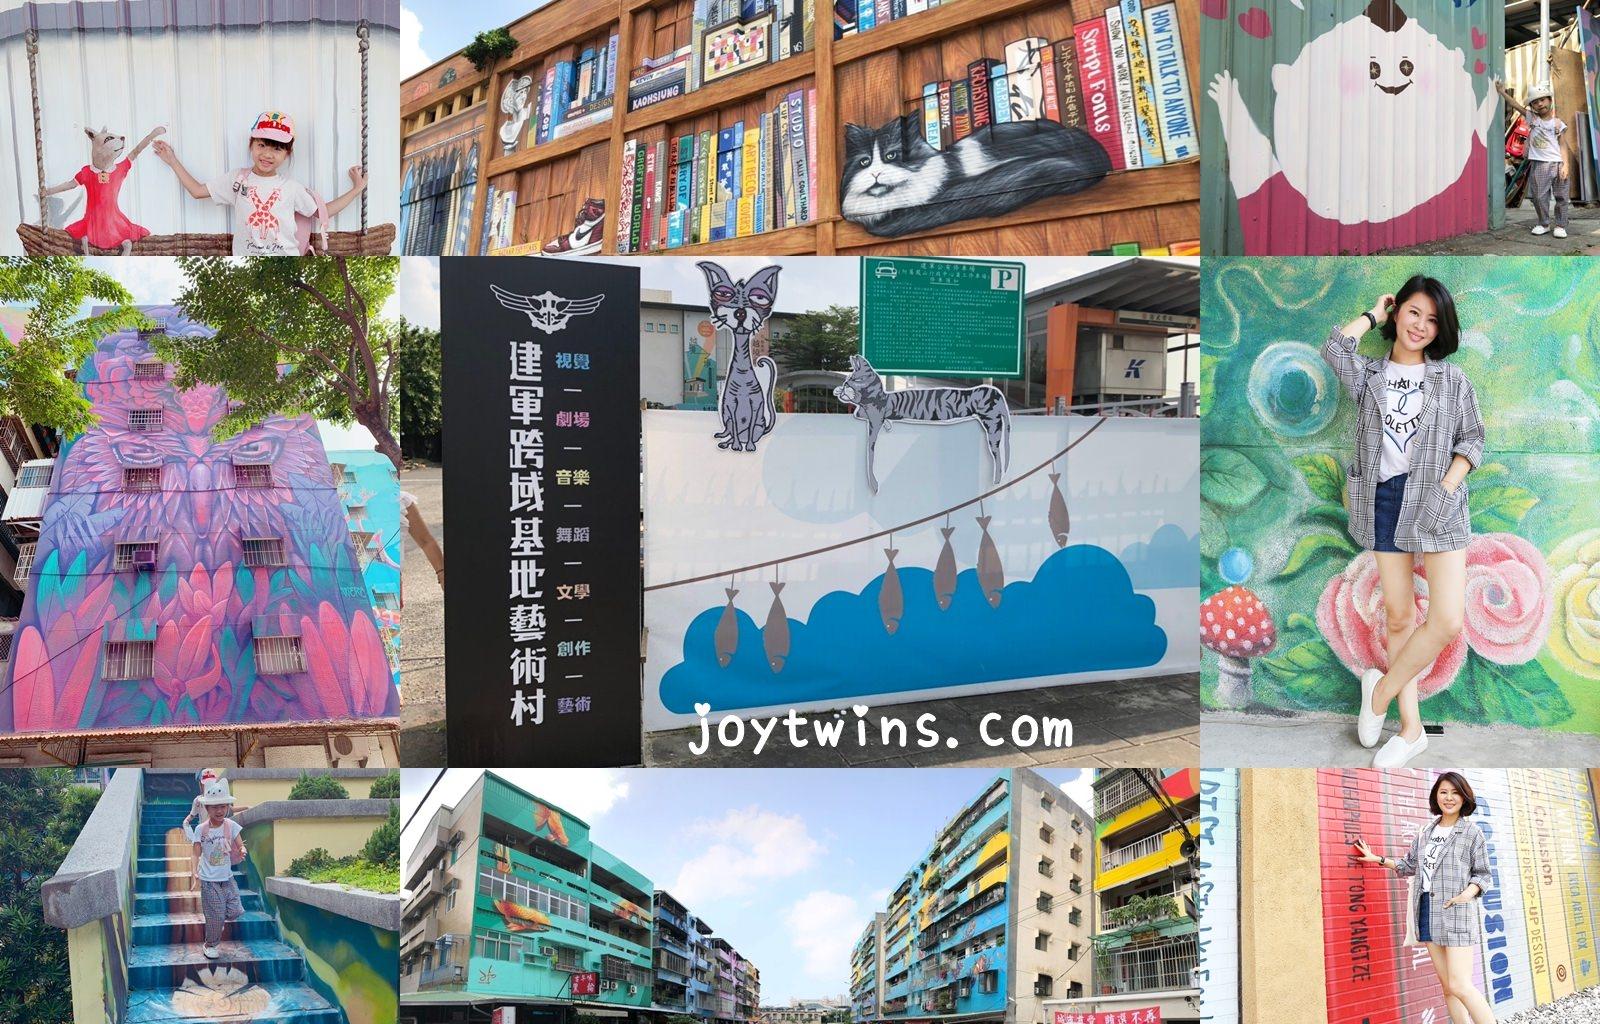 【高雄景點】拍照打卡夯點 衛武營彩繪社區 20幅超大彩繪壁畫一定要來玩 (捷運旅遊推薦)